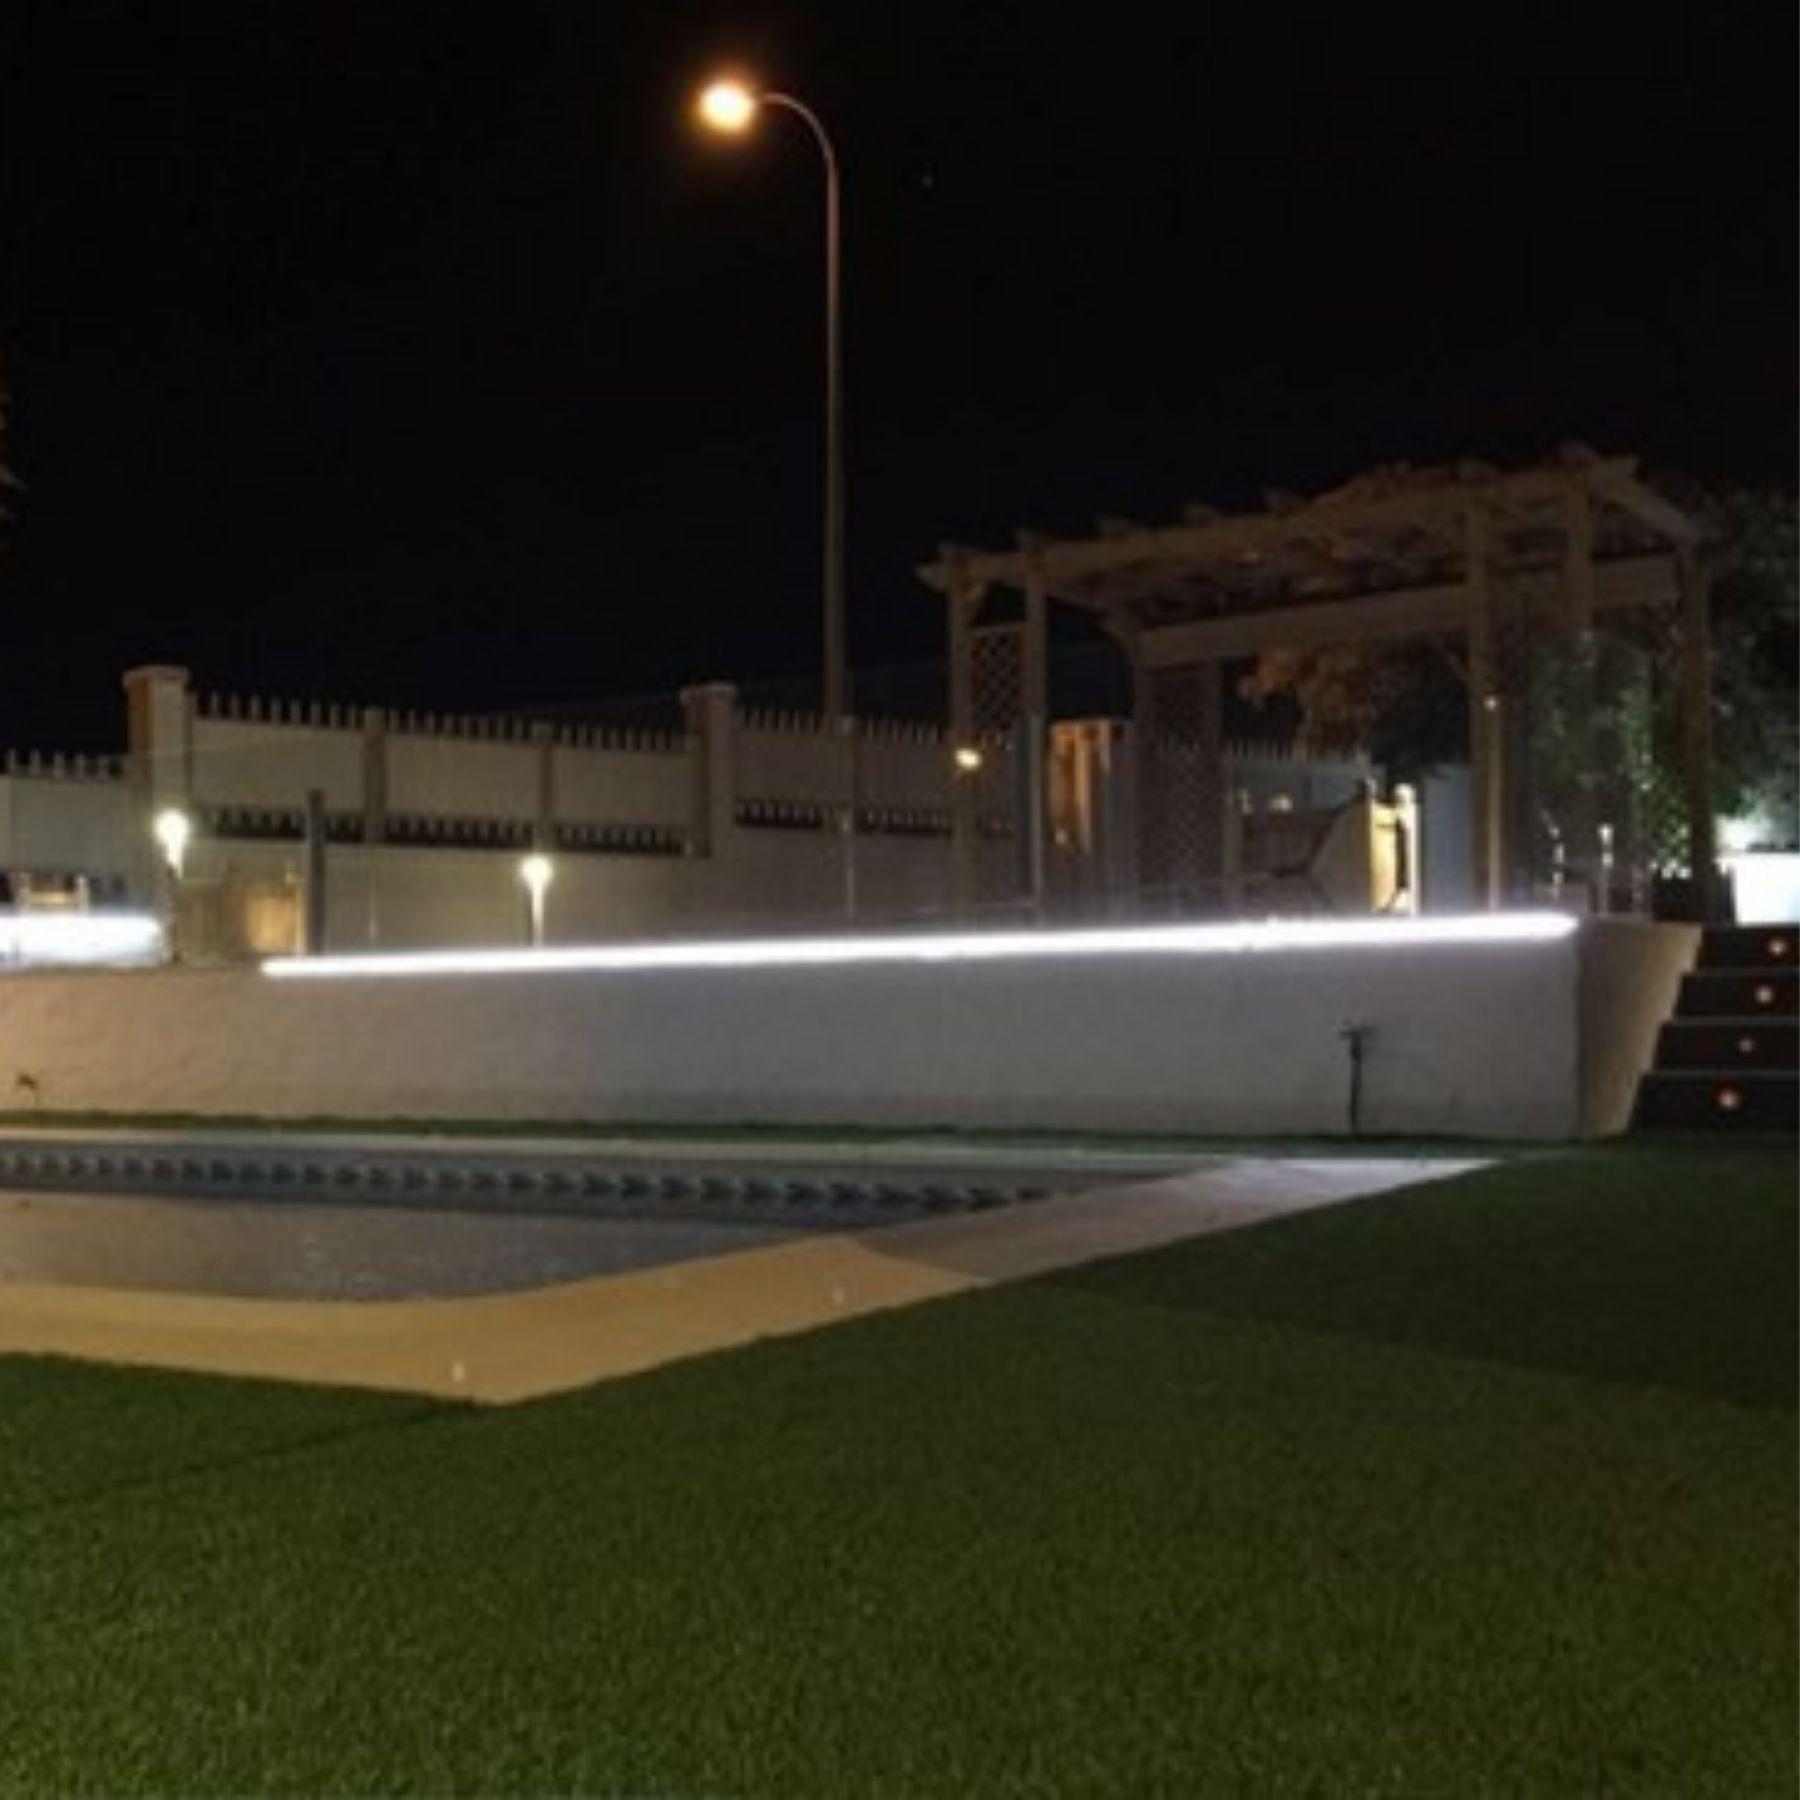 iluminación jardín chalet con piscina 2